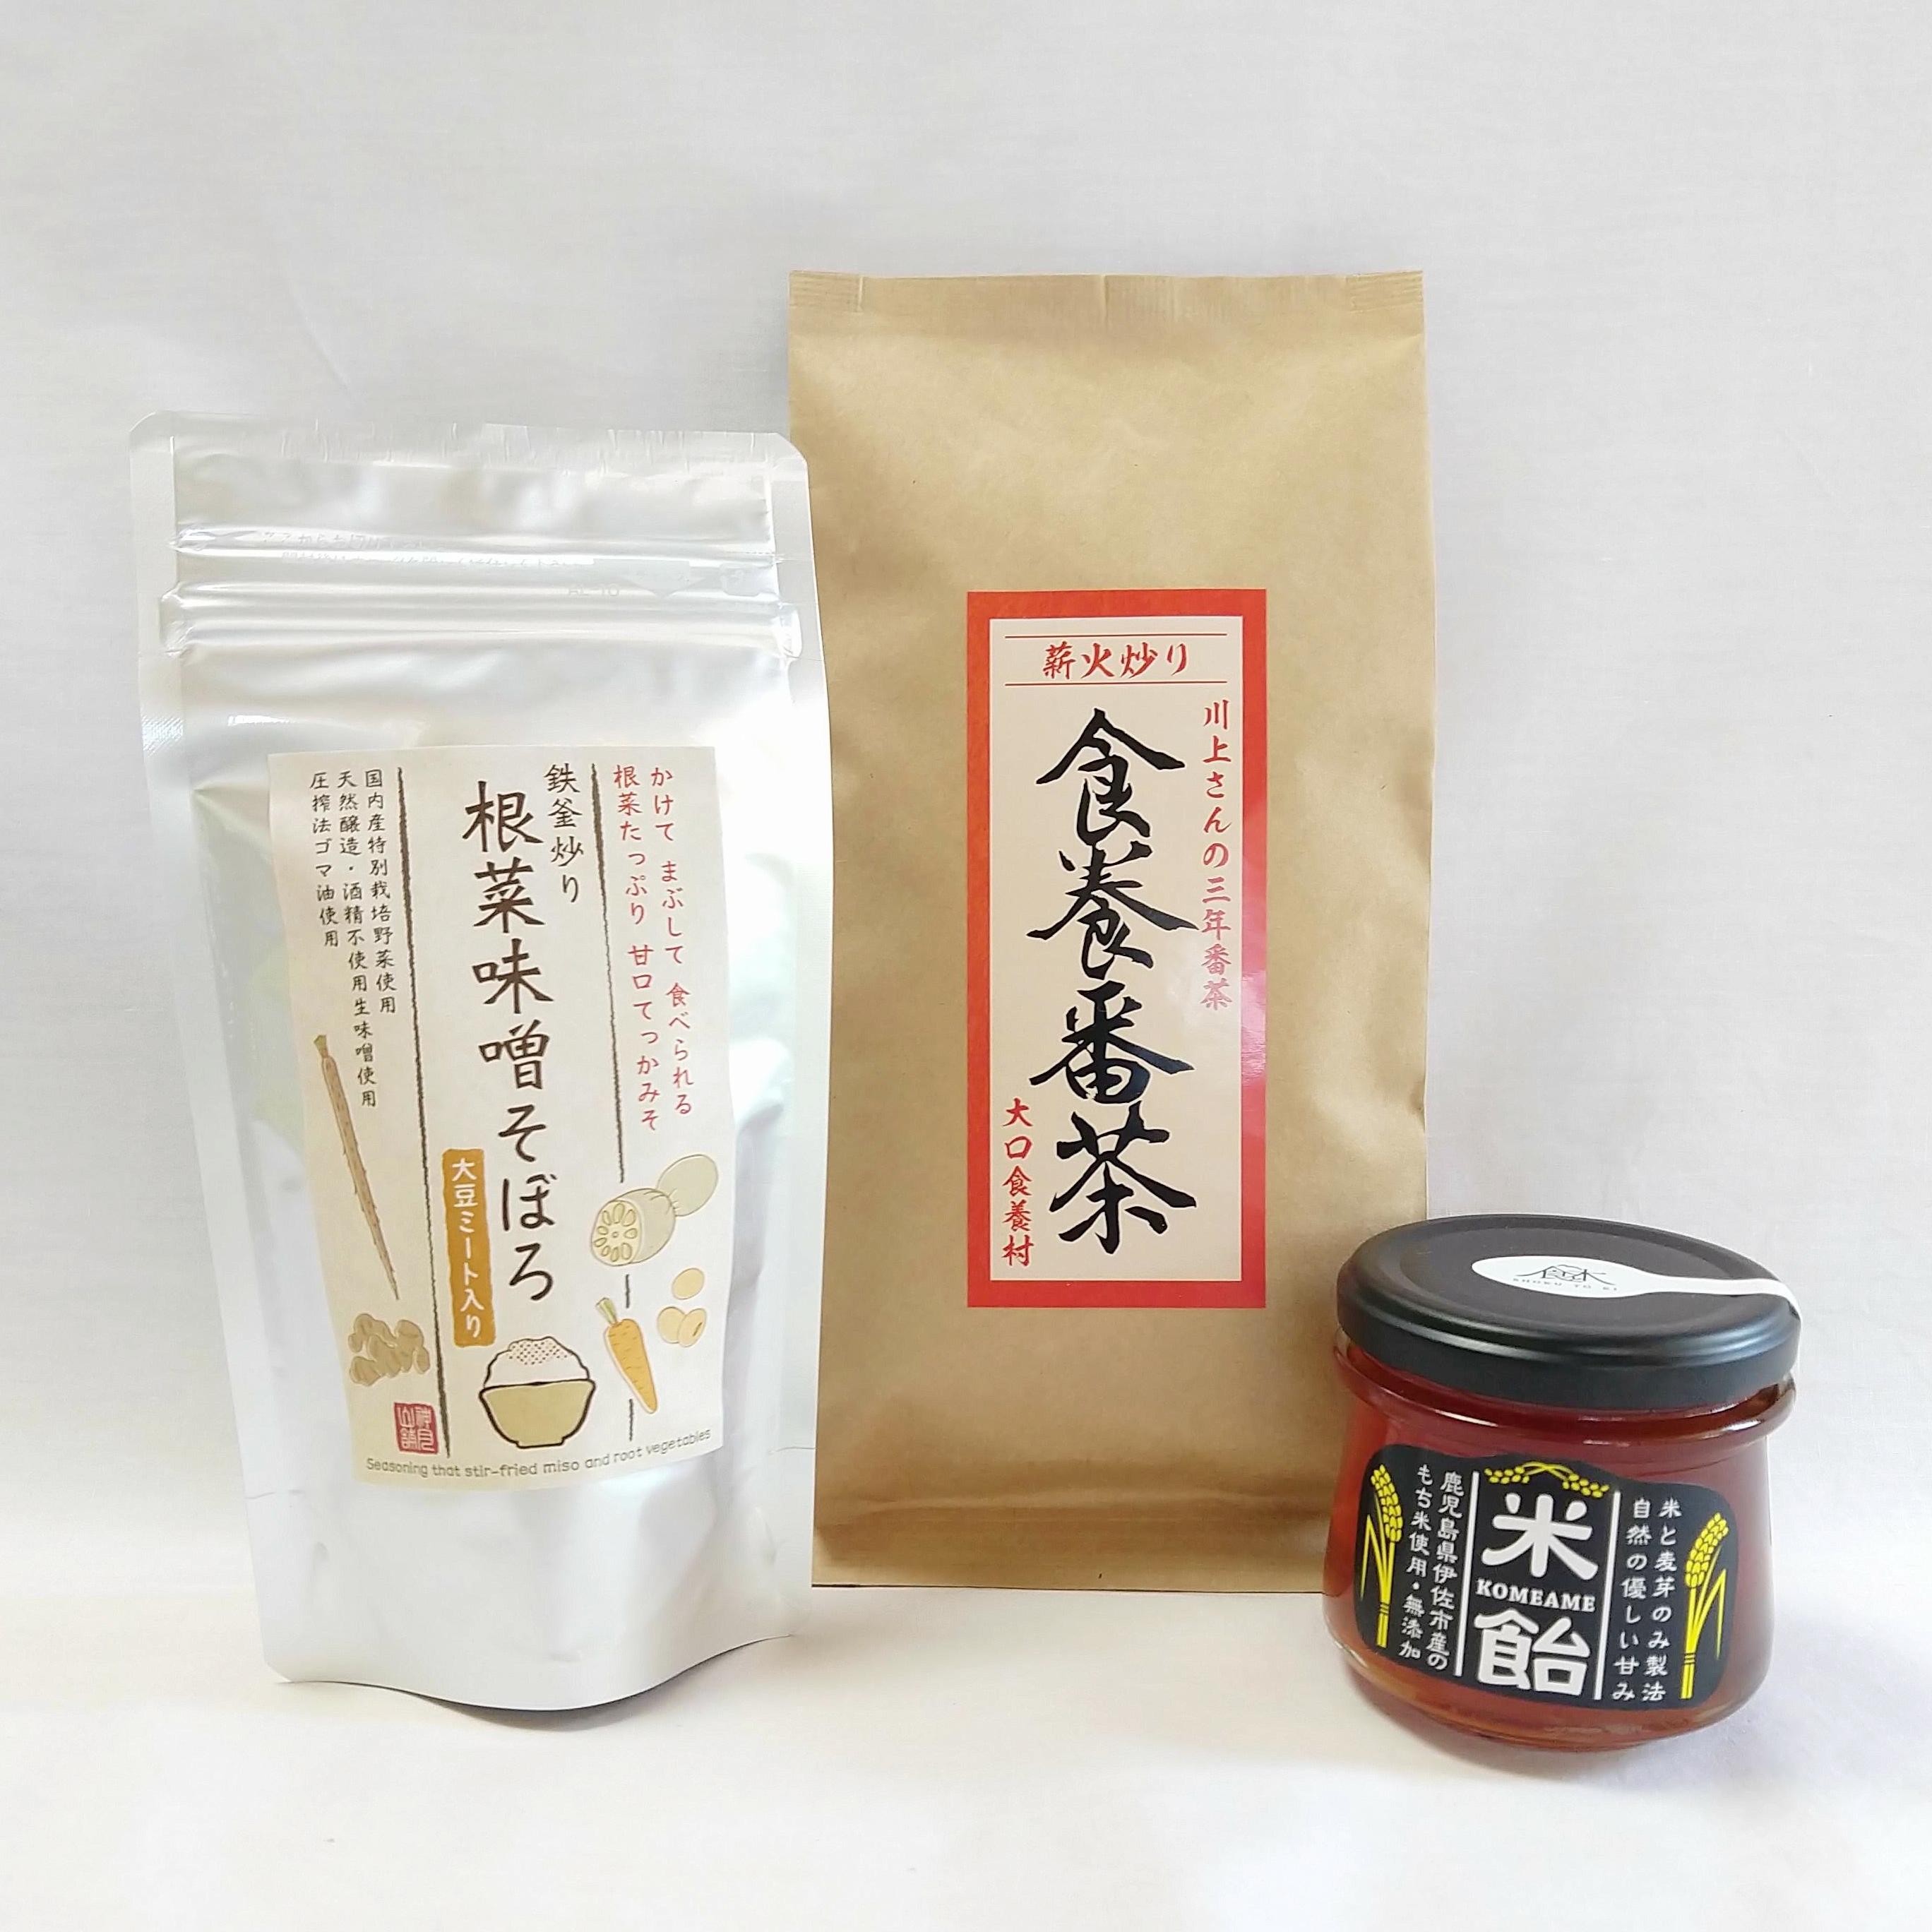 米飴、食養番茶120g、根菜味噌そぼろセット【送料込み】